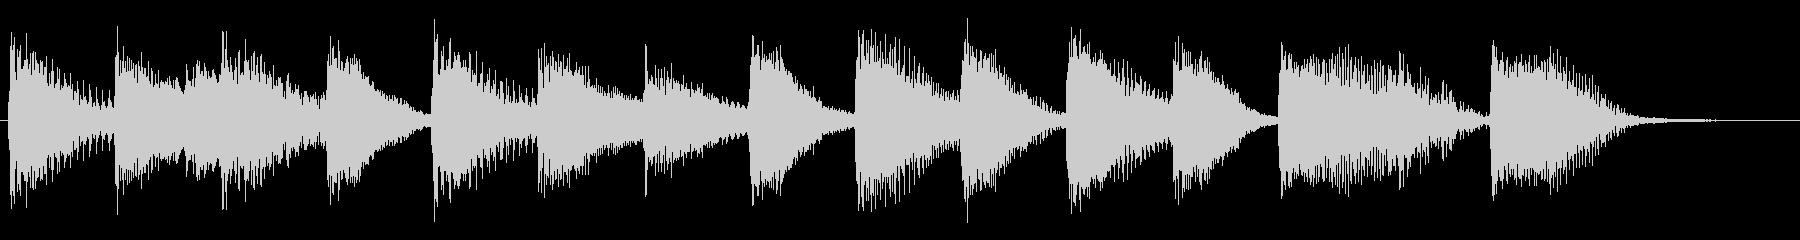 ウキウキ!明るく陽気なピアノジングル2の未再生の波形